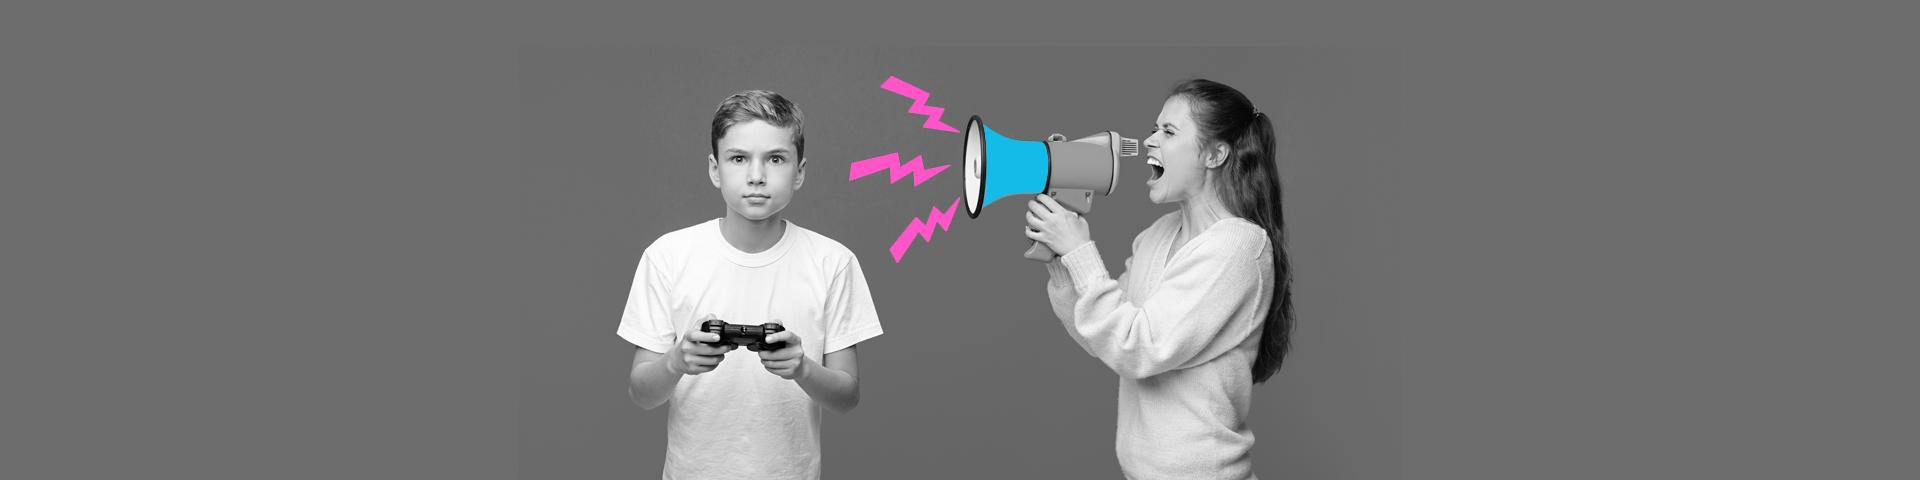 un enfant joue au jeu vidéo et se fait crier dessus par sa maman